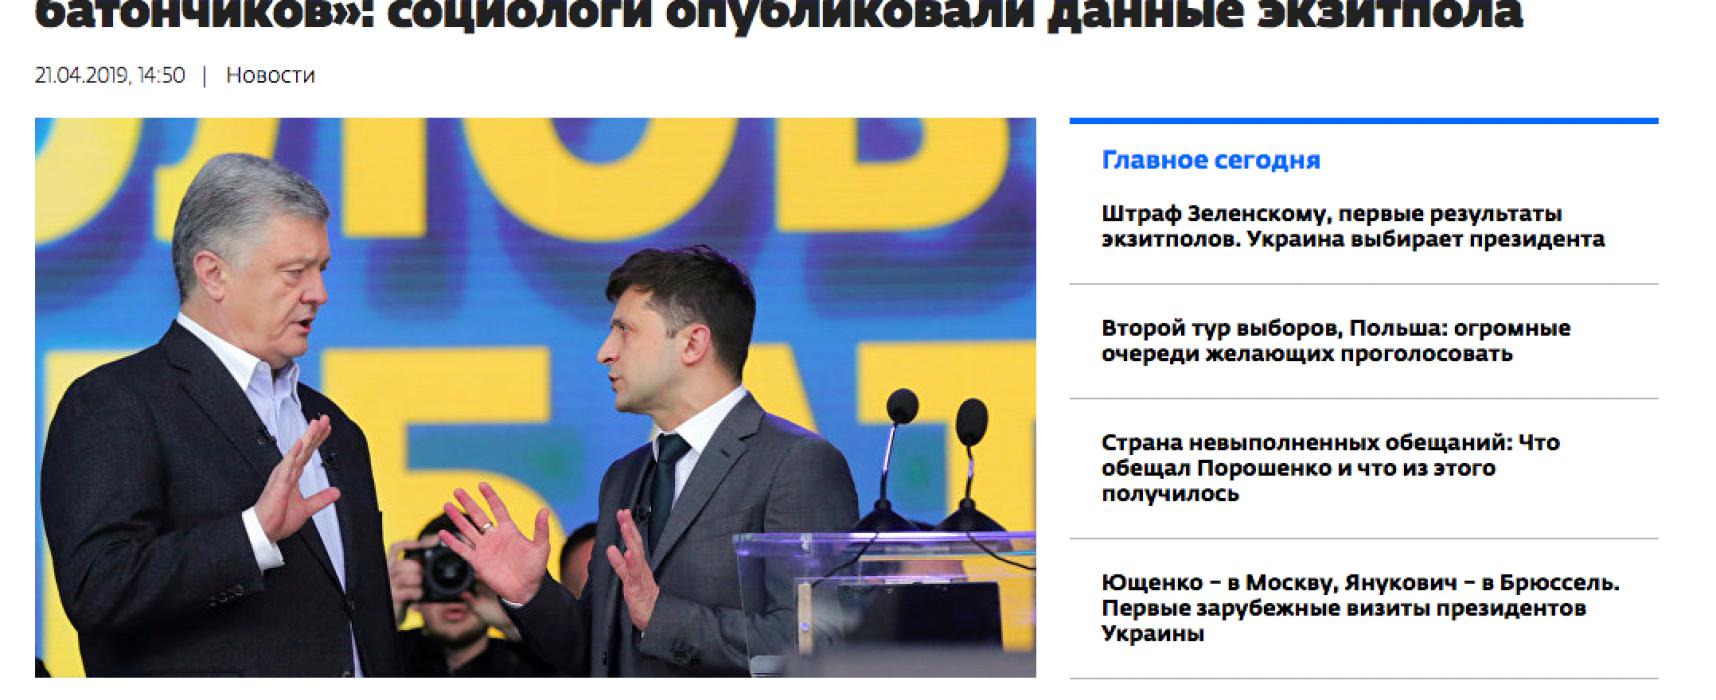 Какви екзит-полове цитират руските медии в изборния ден?